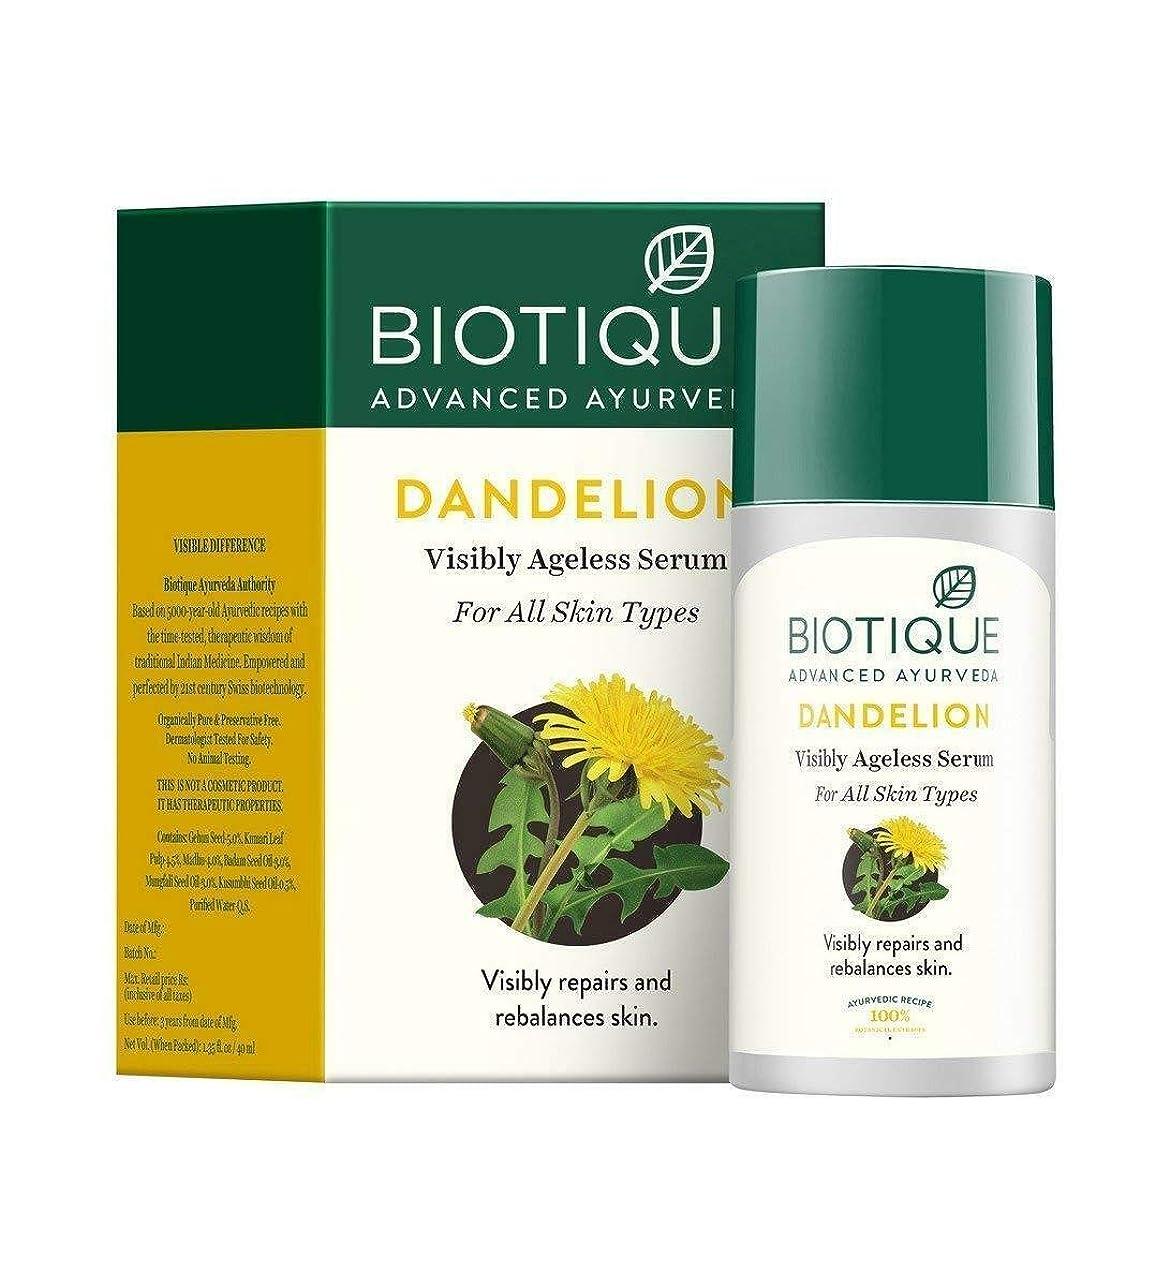 明確なチューインガム文明化するBiotique Bio Dandelion Visibly Ageless lightening serum, 40 ml Rich in Vitamin E Biotiqueバイオタンポポ目に見えないエイジライトニング血清豊富なビタミンE